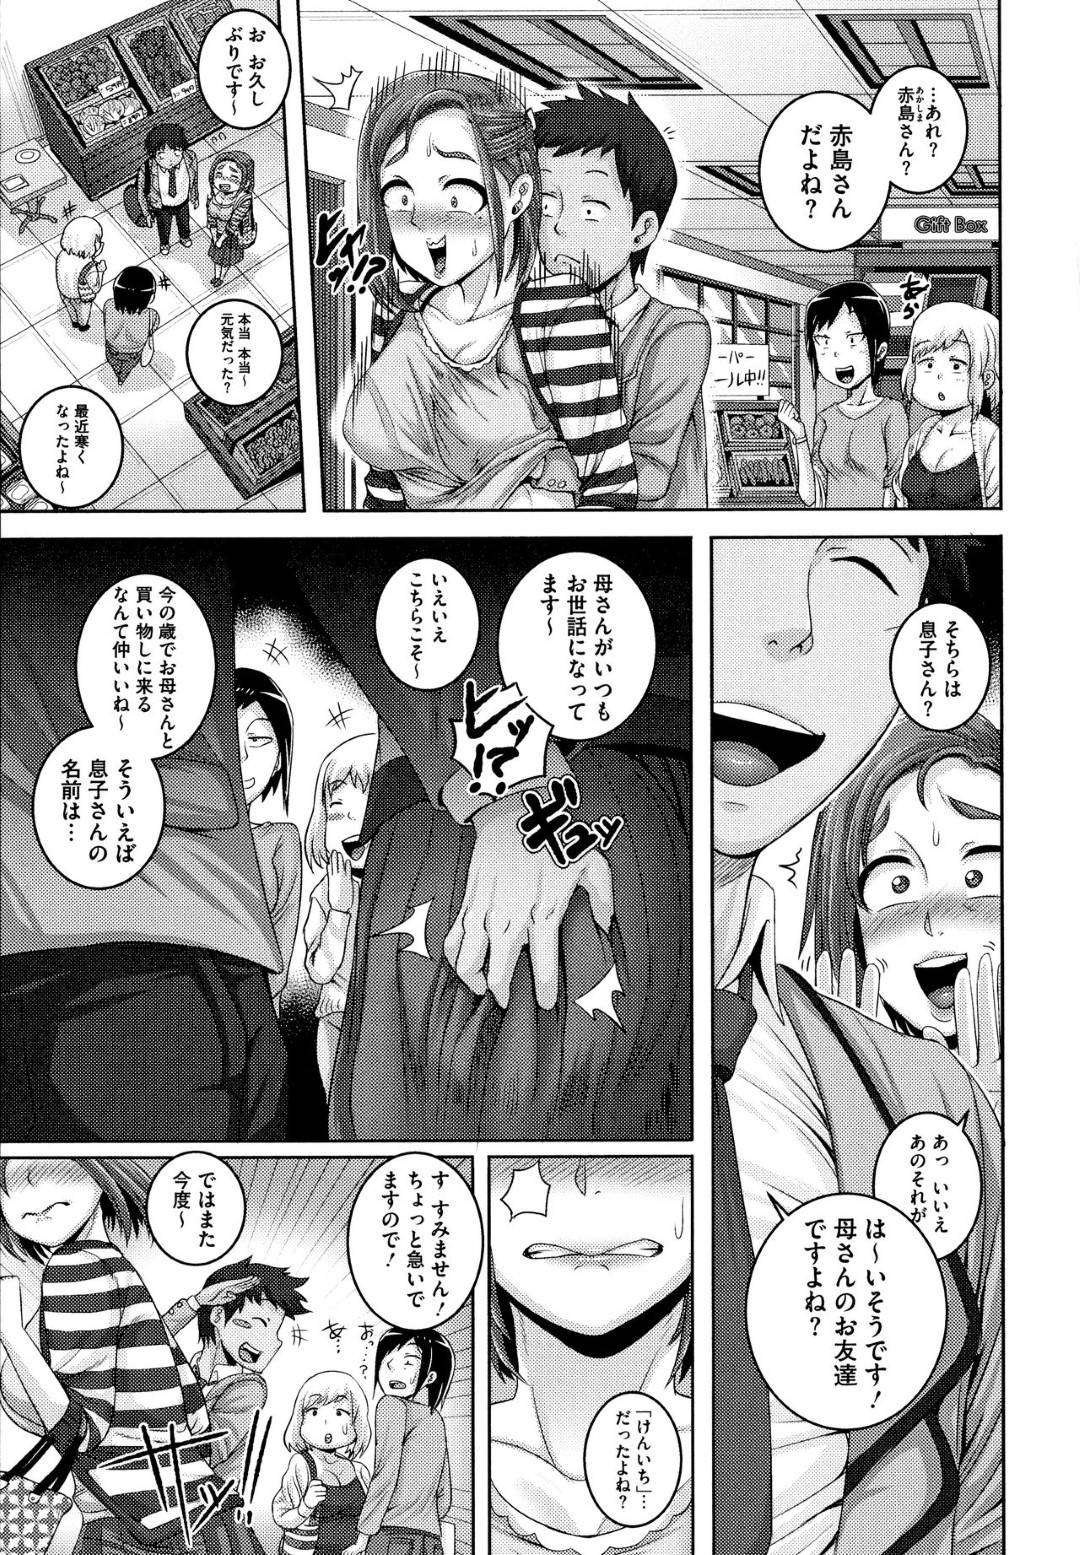 【友人母エロ漫画】トイレでセフレにフェラをされハメ撮りをされる人妻。帰宅後もバニーガールのコスプレをさせられ中出しセックスで犯される【ジュナジュナジュース】